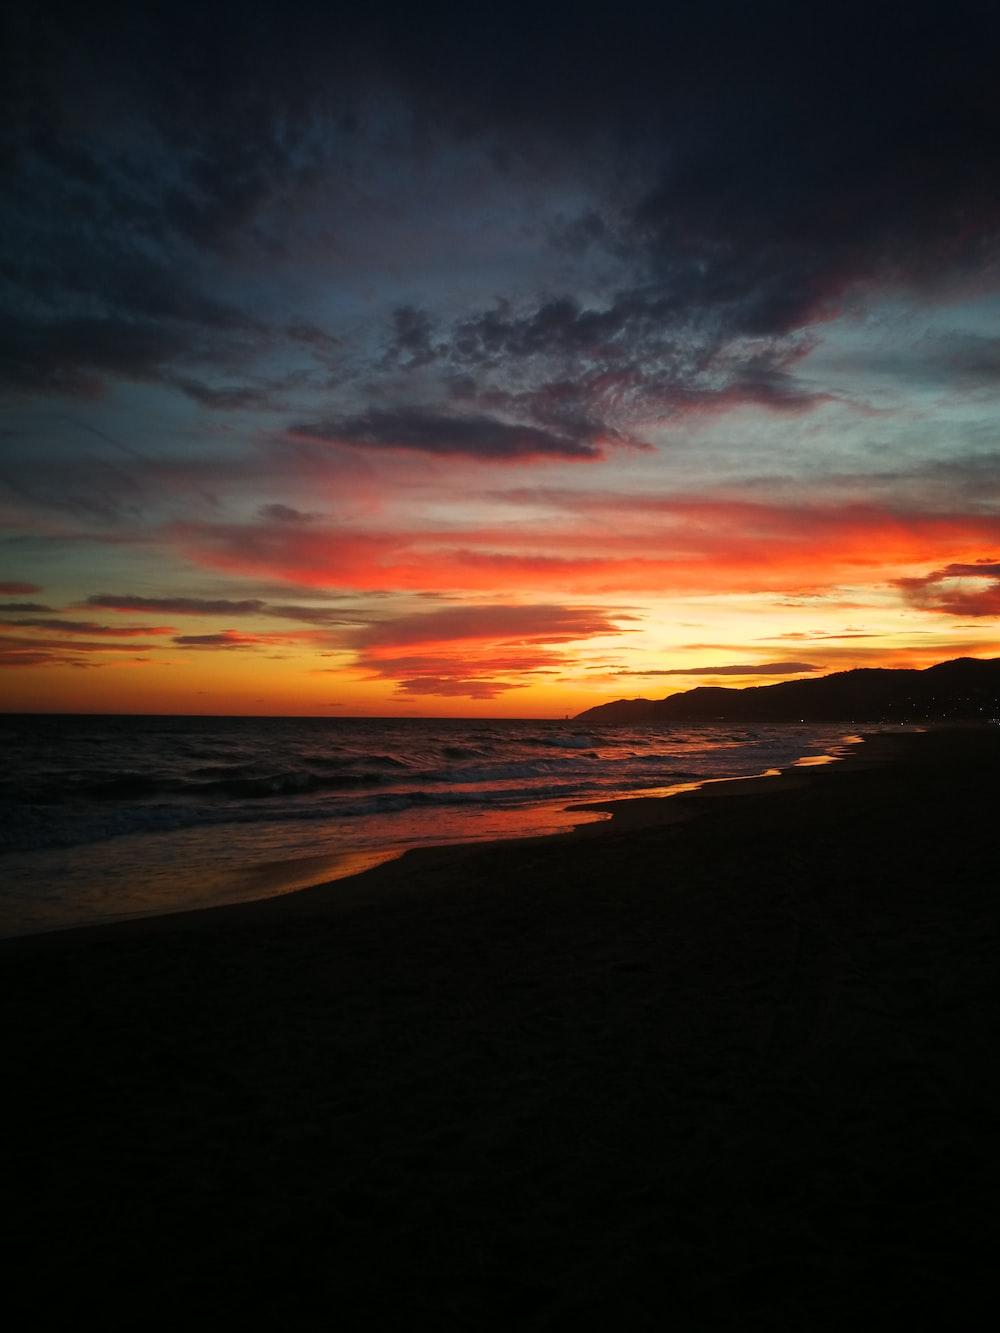 seashore taken during sunset